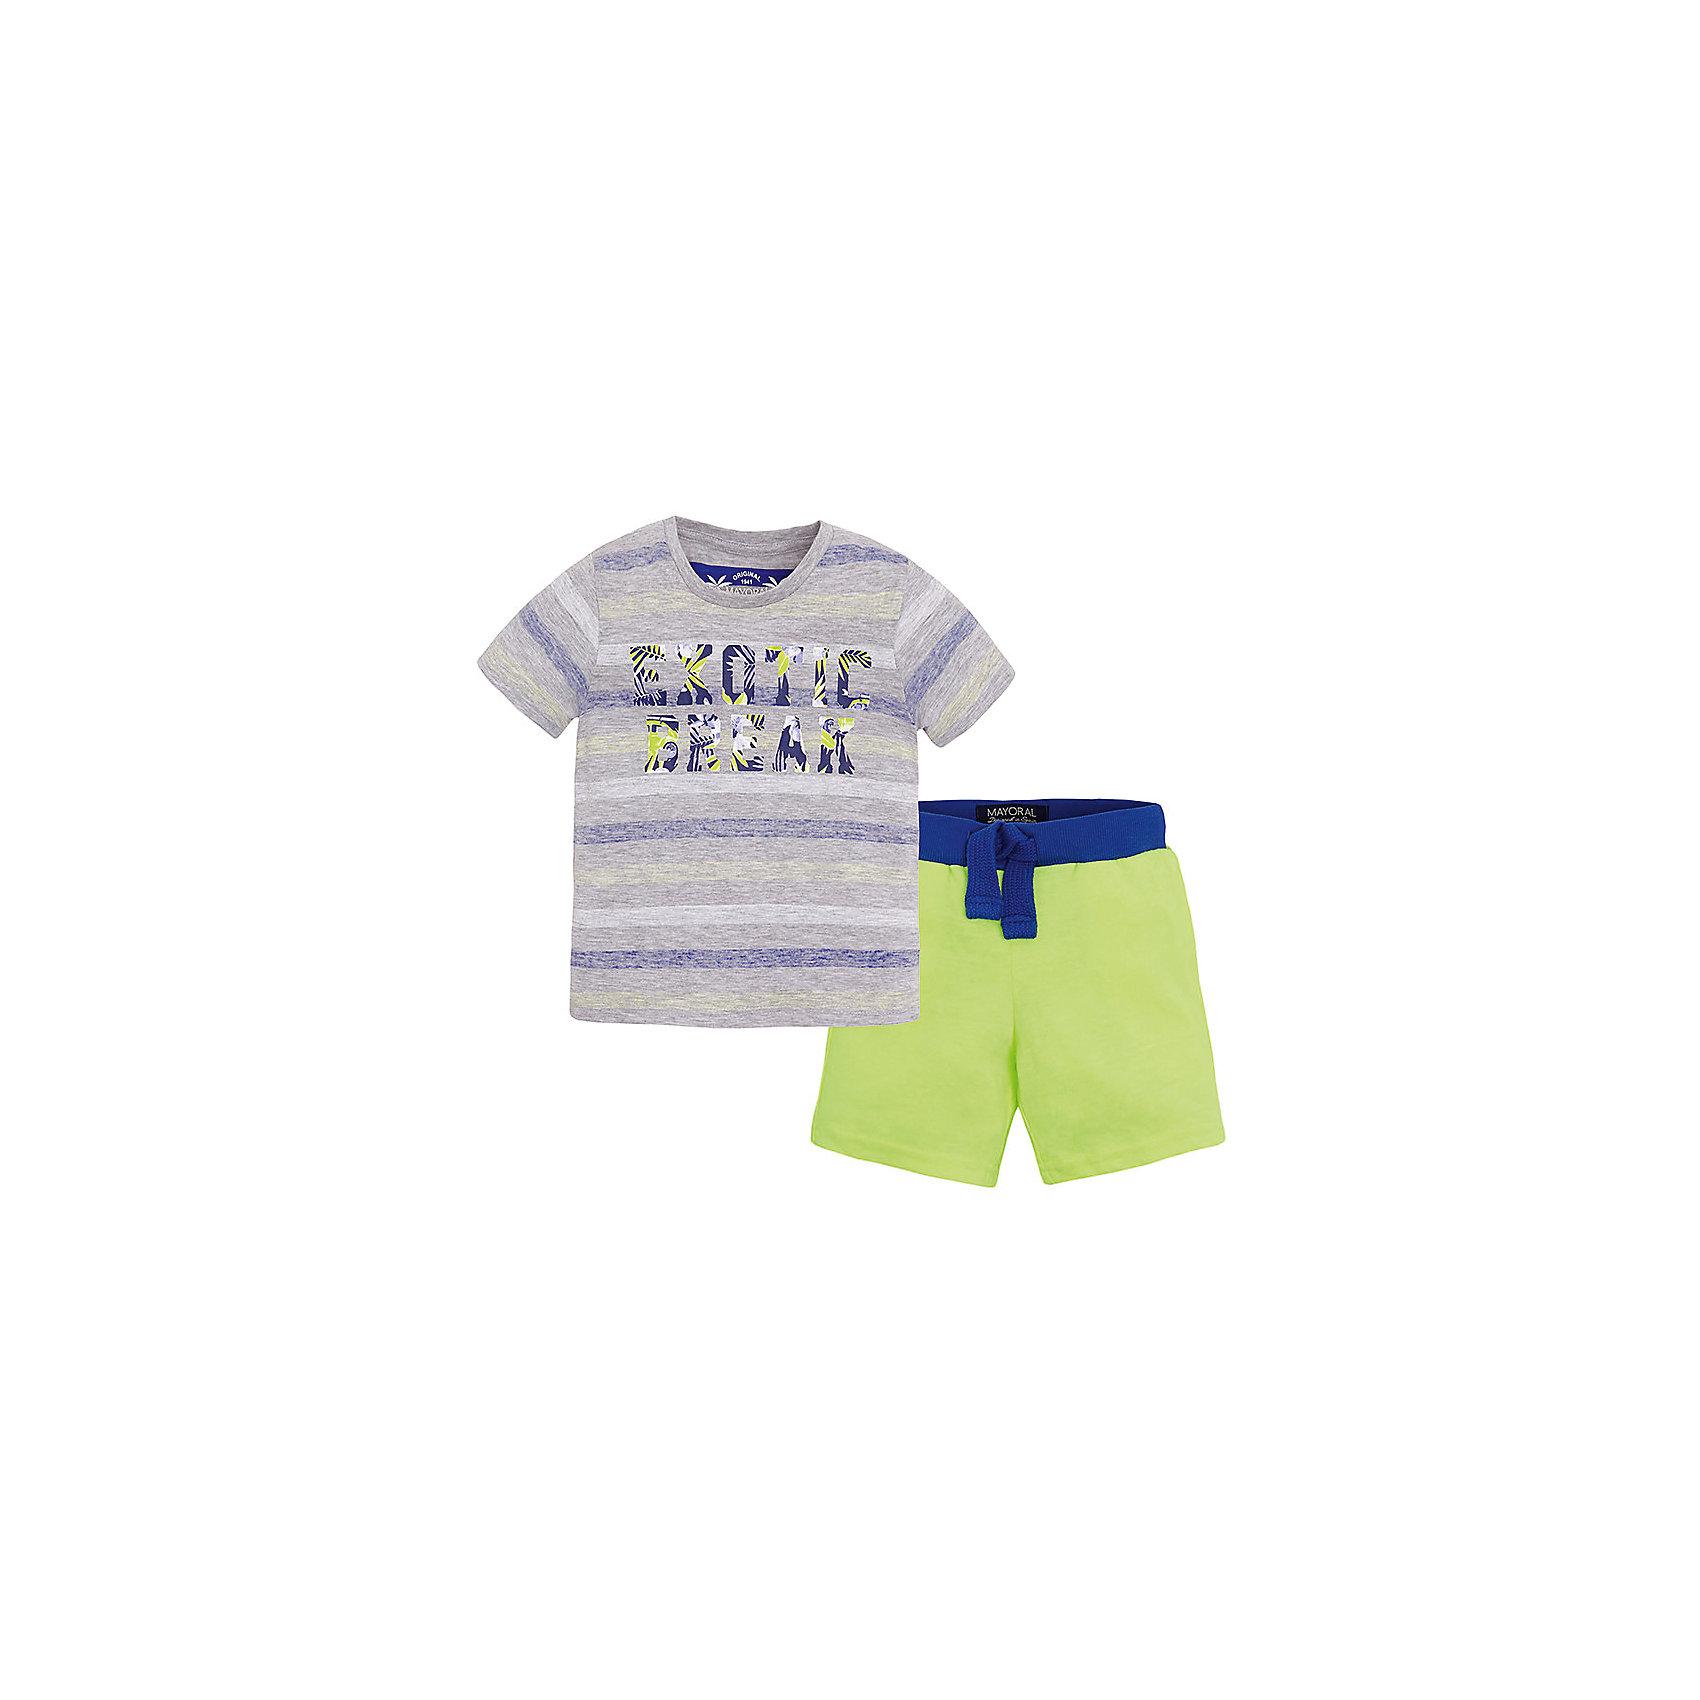 Комплект для мальчика: футболка и шорты MayoralКомплект: футболка и шорты для мальчика от известной испанской марки Mayoral <br><br>Модная футболка с шортами от Mayoral особенно актуальны в теплое время года! Она прекрасно сочетаются и с другими вещами.  Модель выполнена из качественных материалов, отлично сидит по фигуре.<br><br>Особенности модели:<br><br>- цвет: серый, желтый;<br>- принт;<br>- шорты - на резинке и шнурке;<br>- натуральный материал.<br><br>Дополнительная информация:<br><br>Состав: 95% хлопок, 5% вискоза<br><br>Комплект: футболка и шорты для мальчика Mayoral (Майорал) можно купить в нашем магазине.<br><br>Ширина мм: 199<br>Глубина мм: 10<br>Высота мм: 161<br>Вес г: 151<br>Цвет: желтый<br>Возраст от месяцев: 72<br>Возраст до месяцев: 84<br>Пол: Мужской<br>Возраст: Детский<br>Размер: 122,134,128,104,116,110,98<br>SKU: 4542706